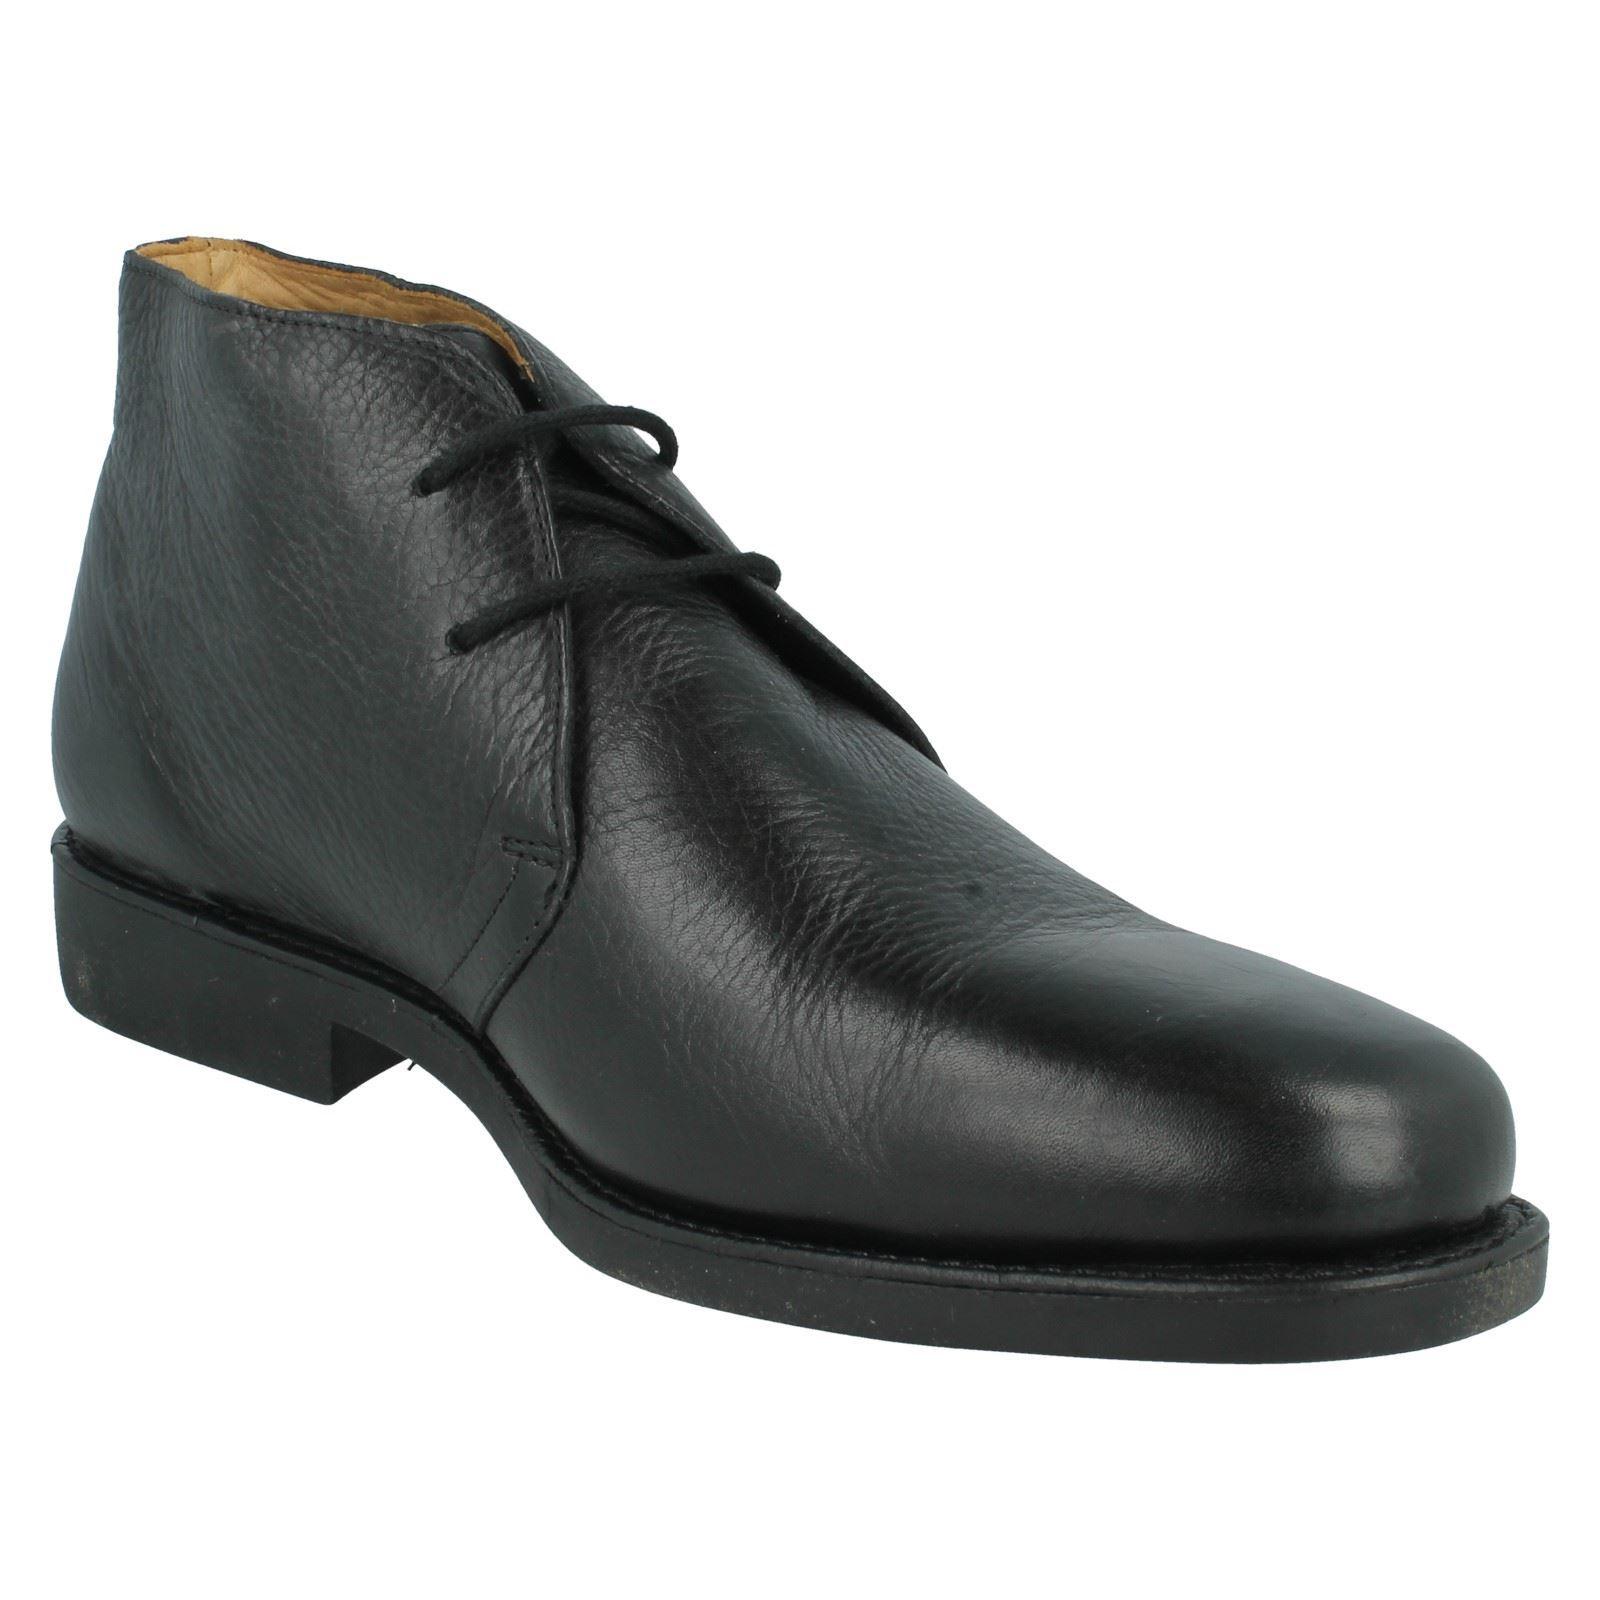 Uomo Formal Anatomic & Co 'Londrina' Formal Uomo Ankle Stiefel  K bd09bf